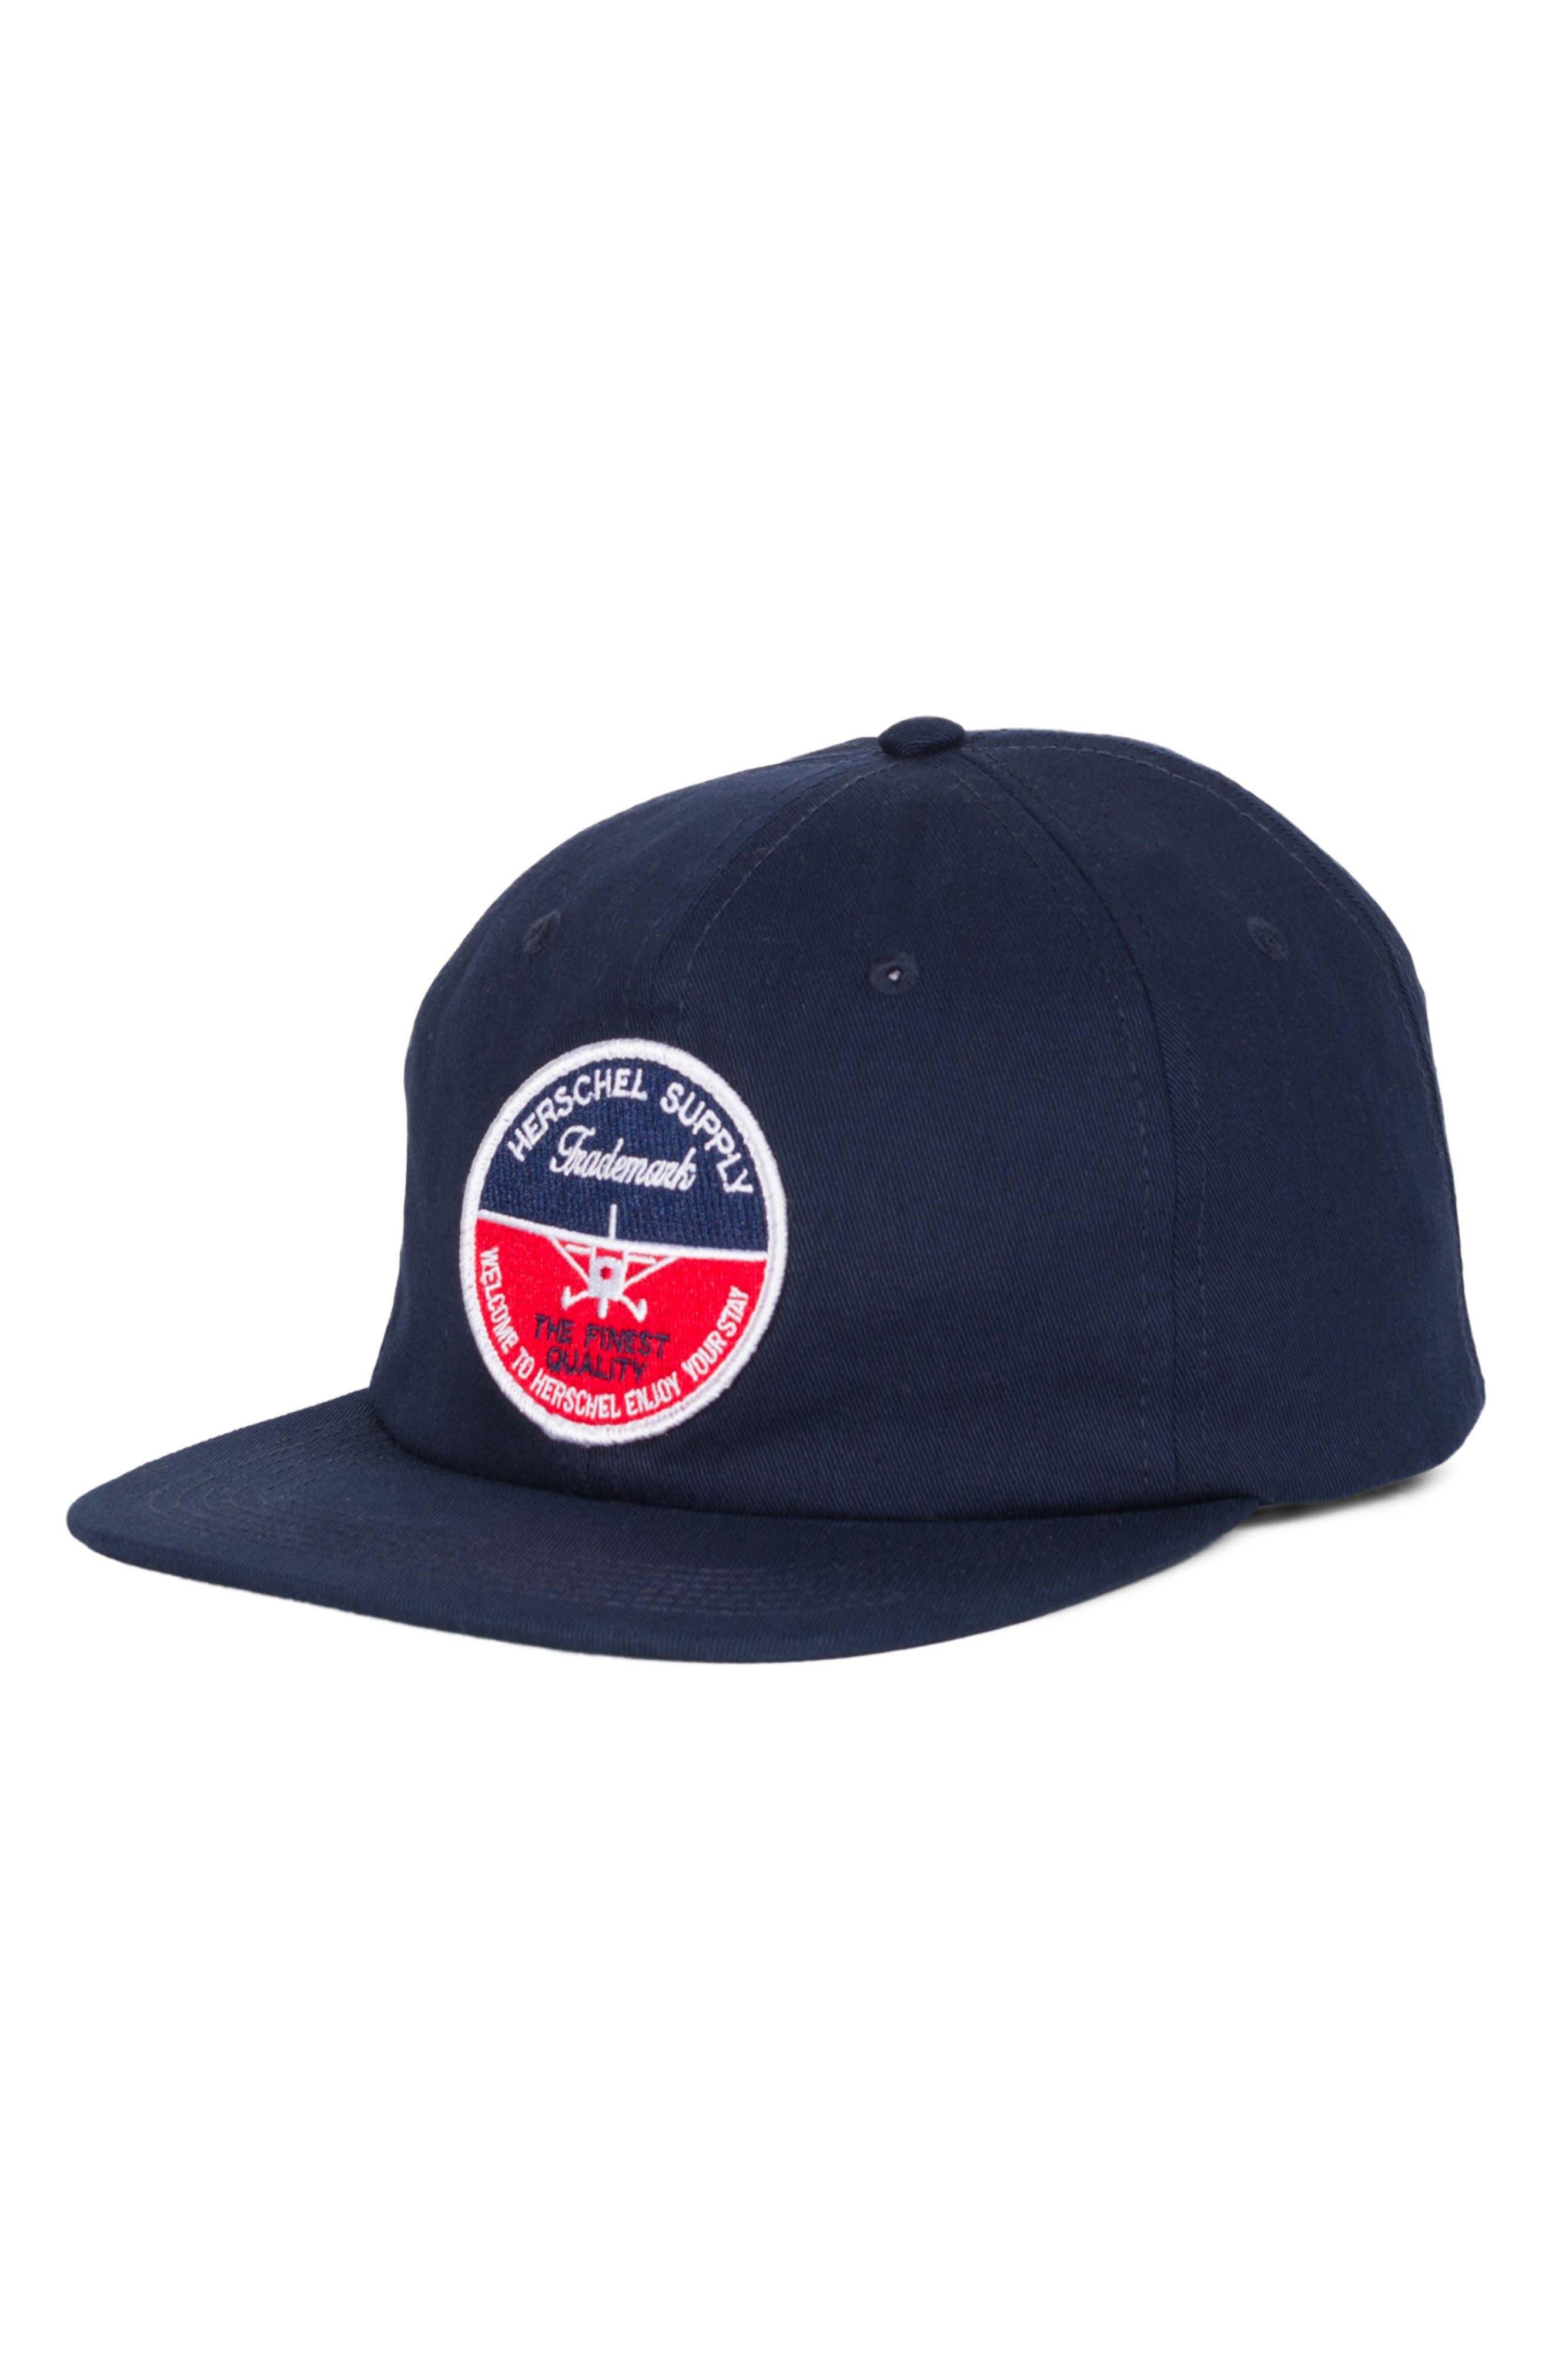 172 Baseball Cap,                             Main thumbnail 1, color,                             NAVY